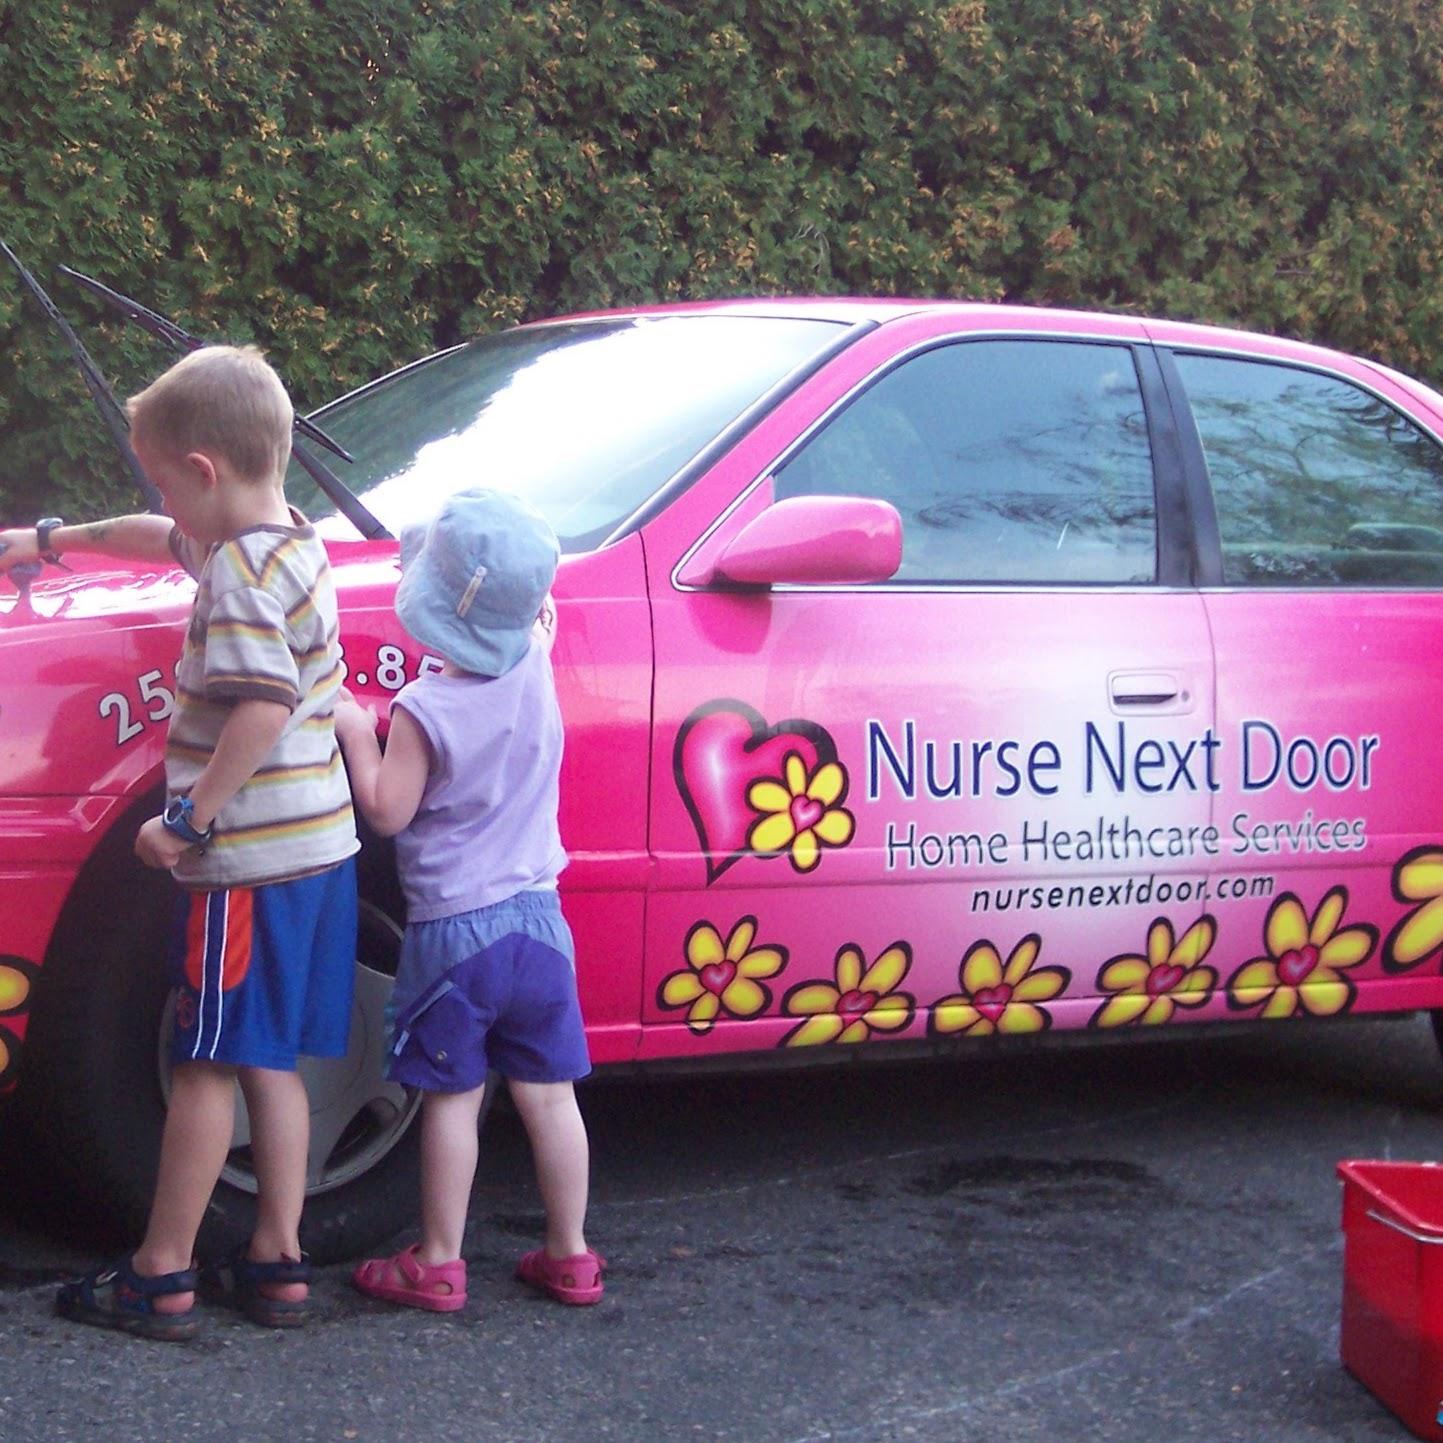 Nurse Next Door Home Care Services - Penticton - Penticton, BC V2A 2V6 - (250)488-8586 | ShowMeLocal.com